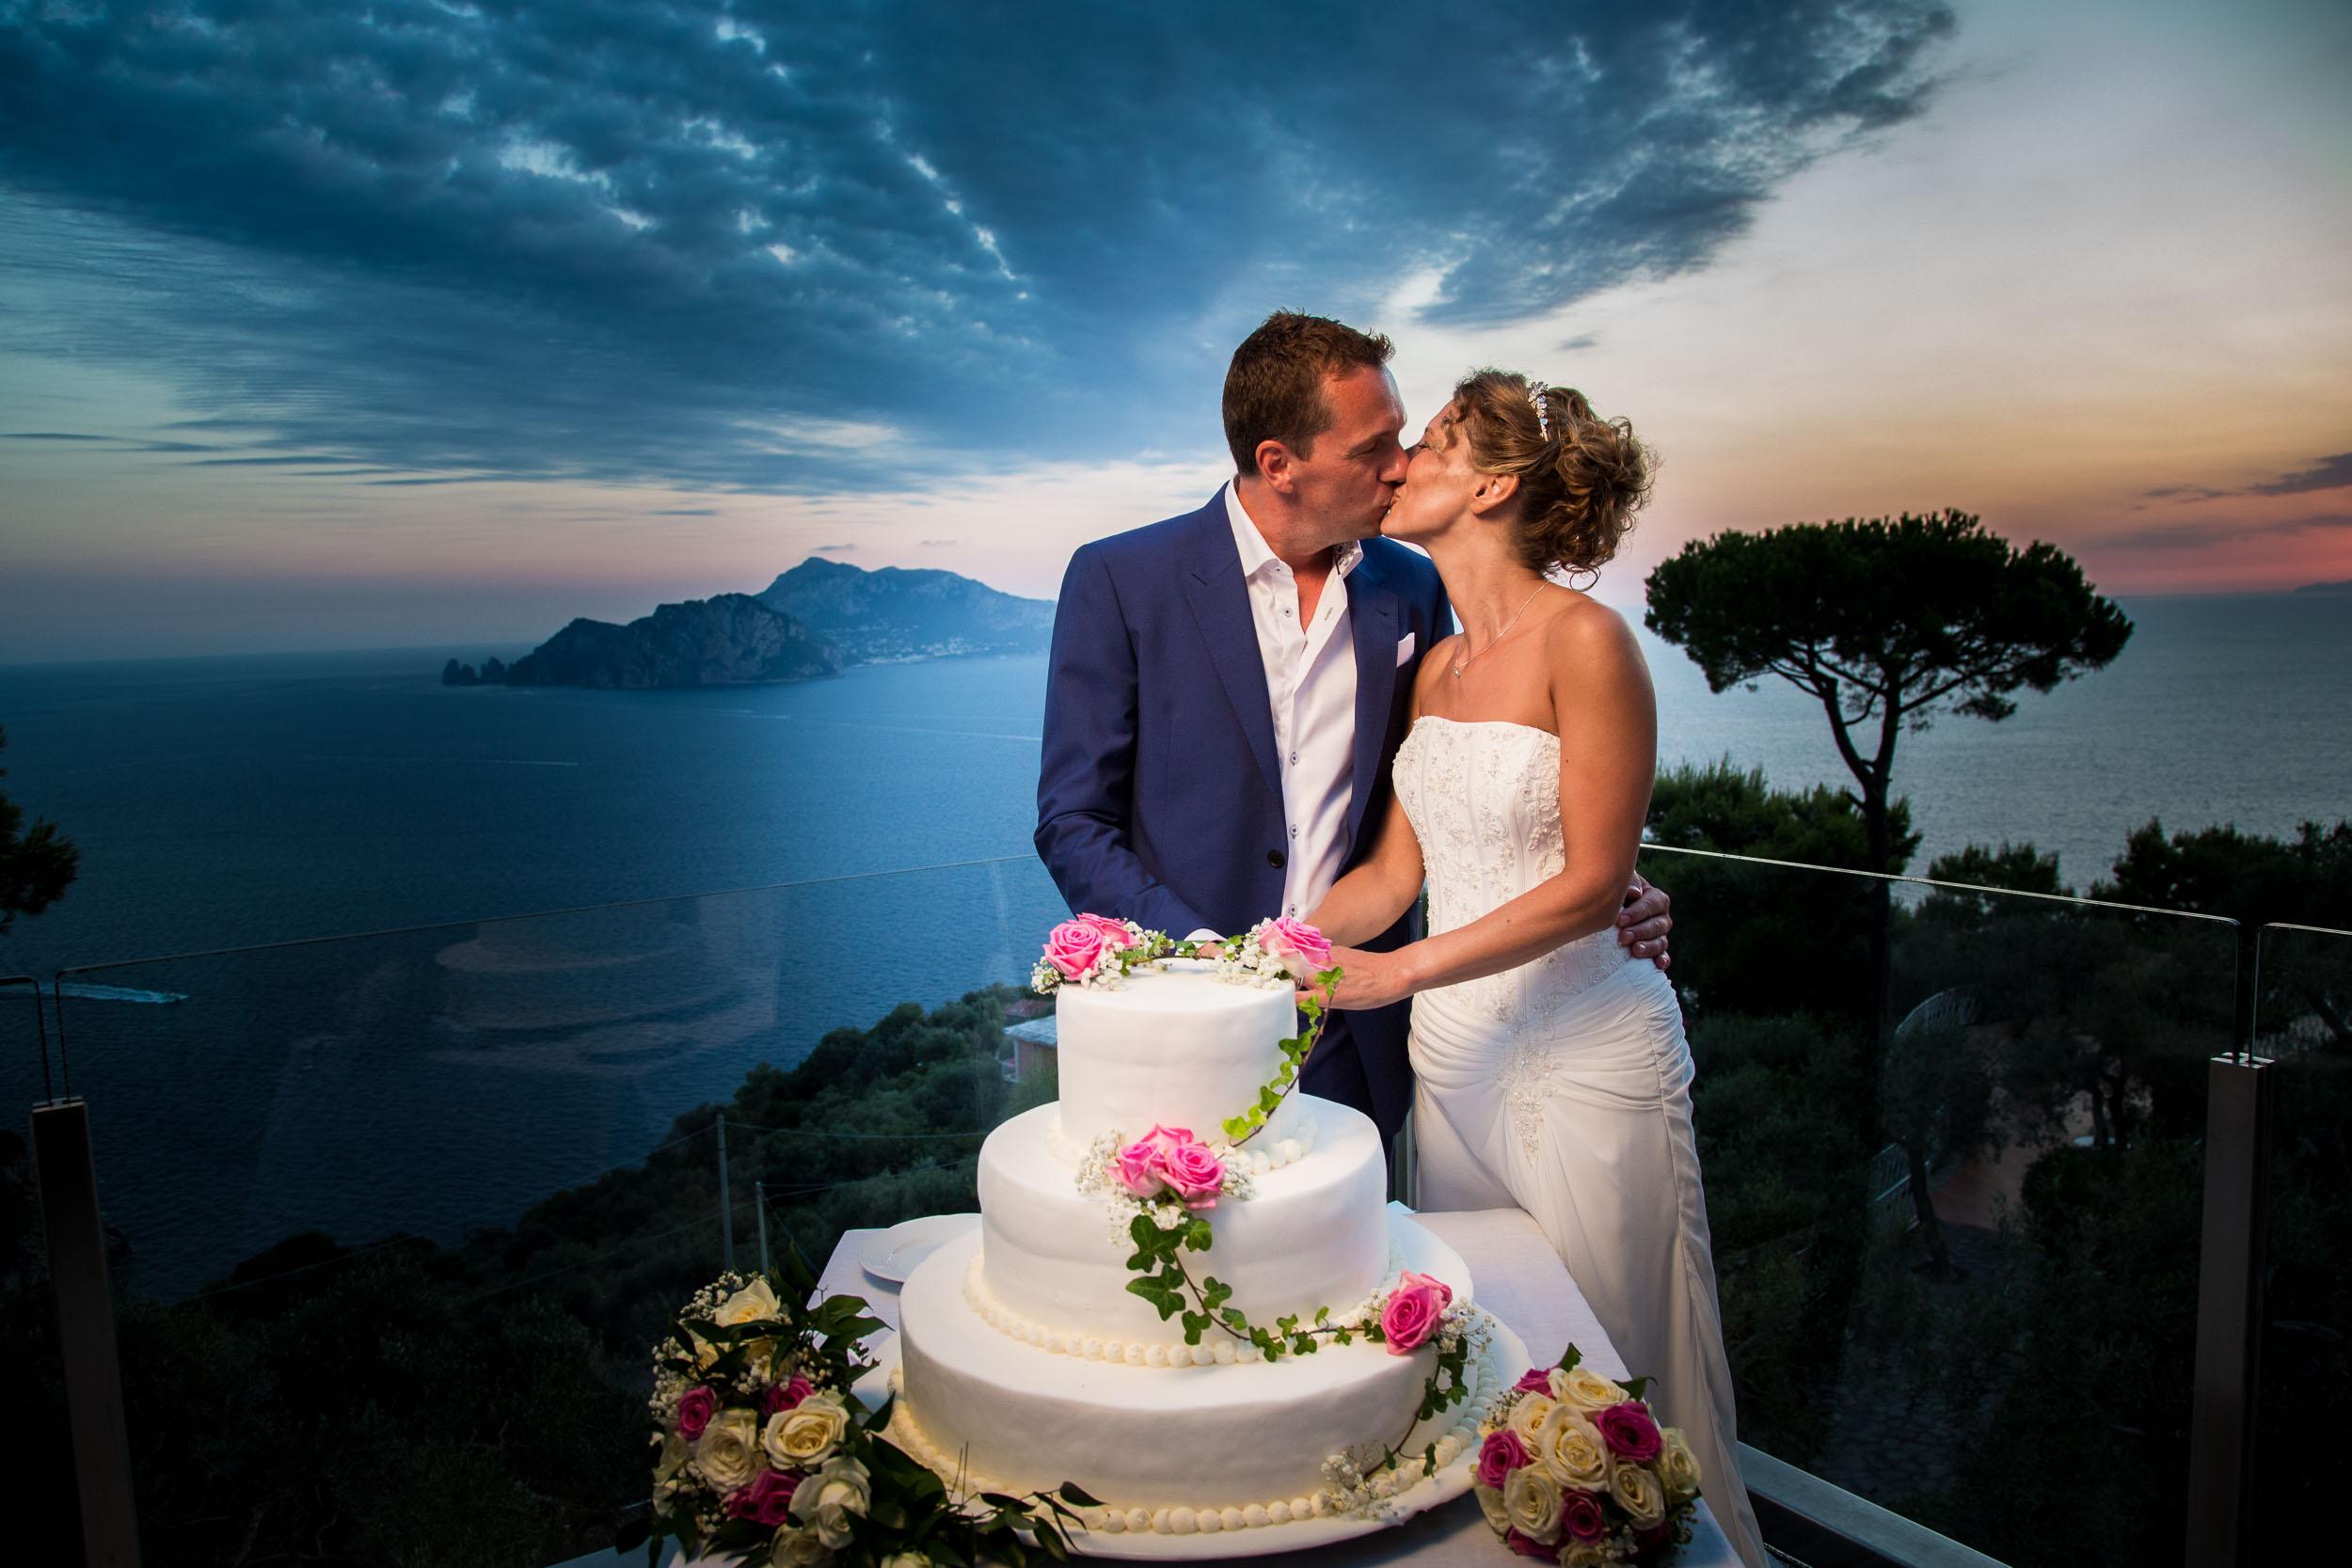 Sarah and Ian wedding cake